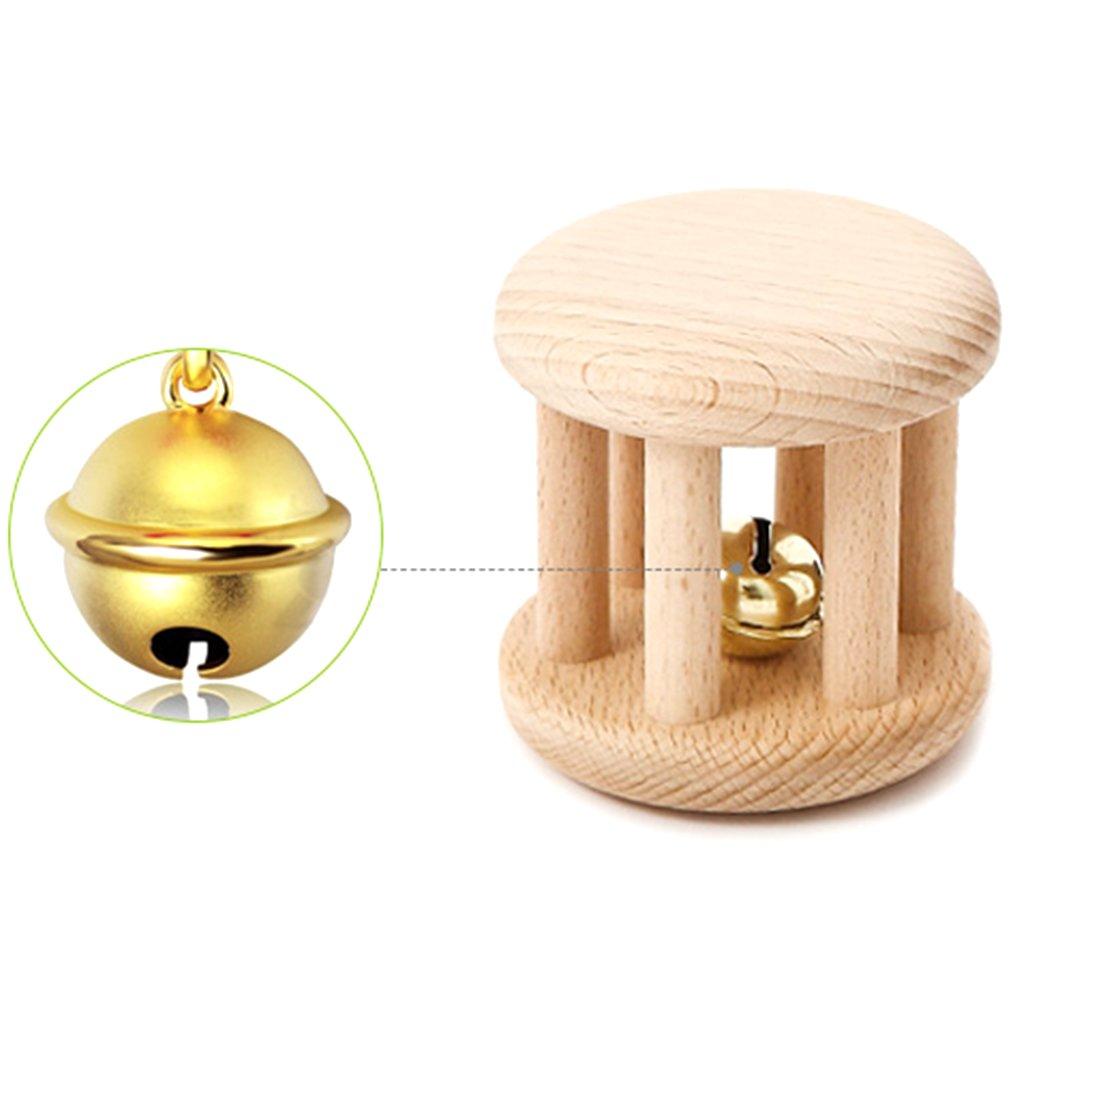 Coskiss Juguetes para rompecabezas Desarrollo intelectual de los niñ os Montessori juguetes Set Enfermerí a de dientes de madera de sonajeros Baby divertido e interesante juguete (chico)